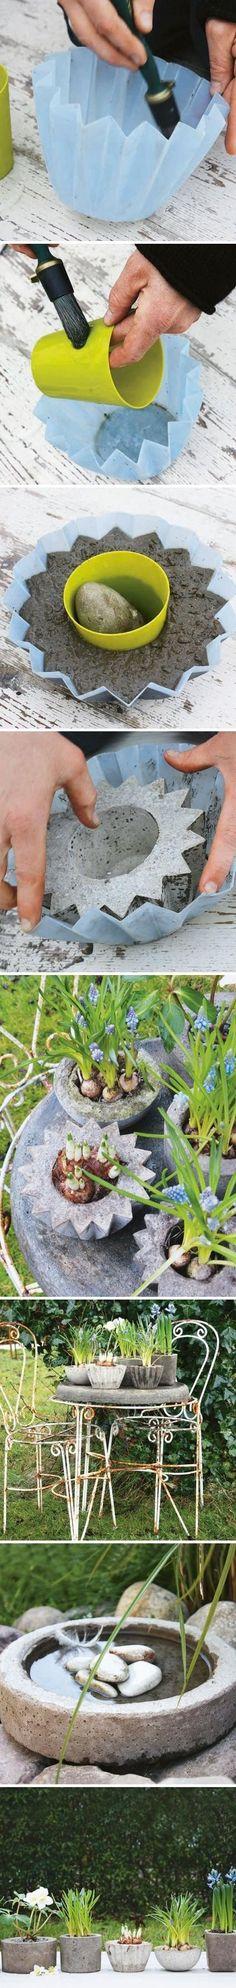 gartendeko zum selbermachen projekte beton blumentöpfe diy